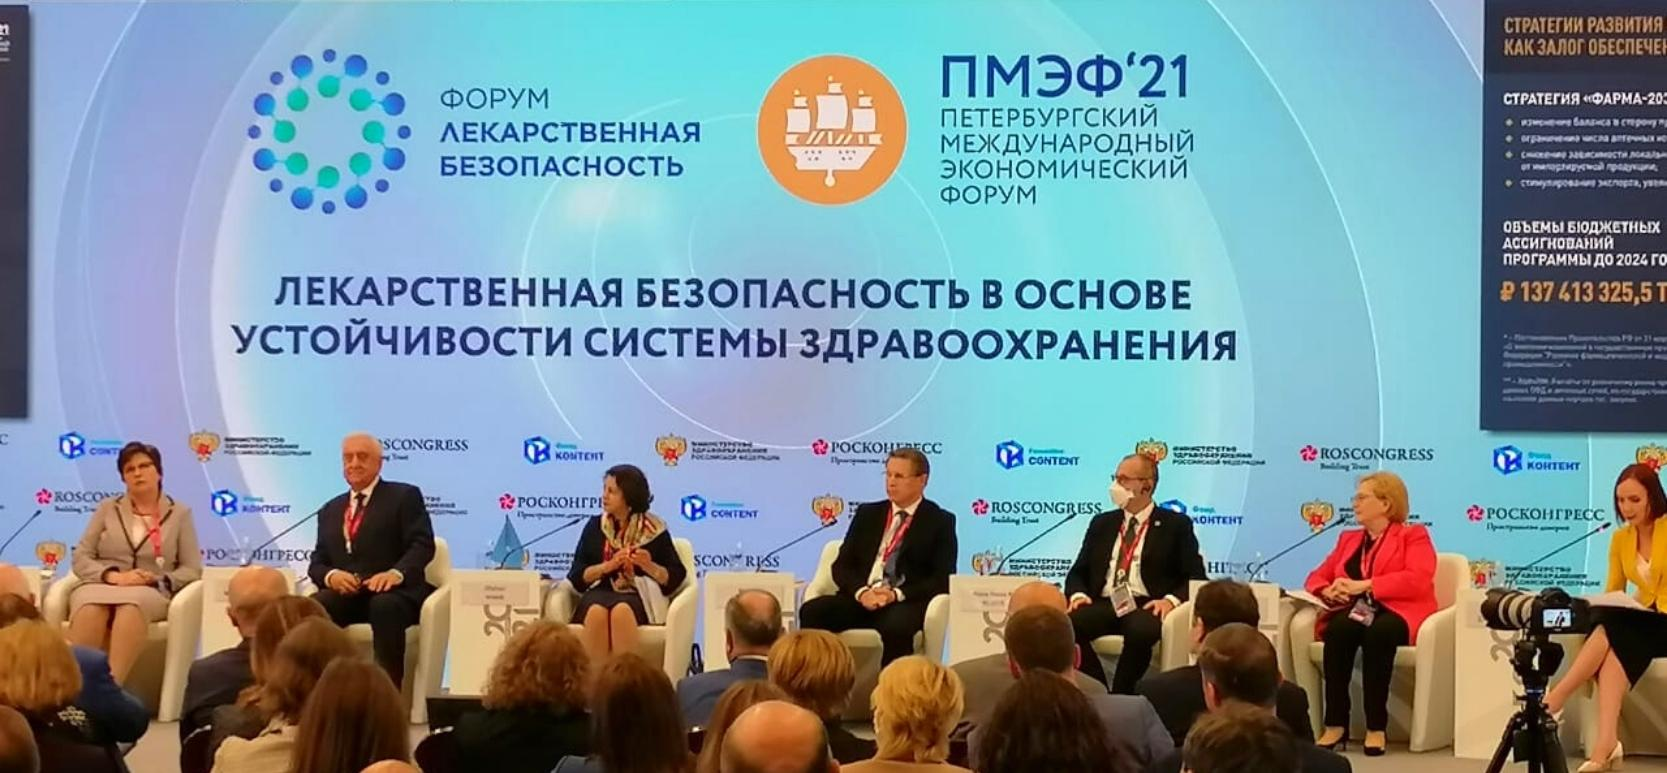 Inpharmatis принял участие в работе ПМЭФ-2021